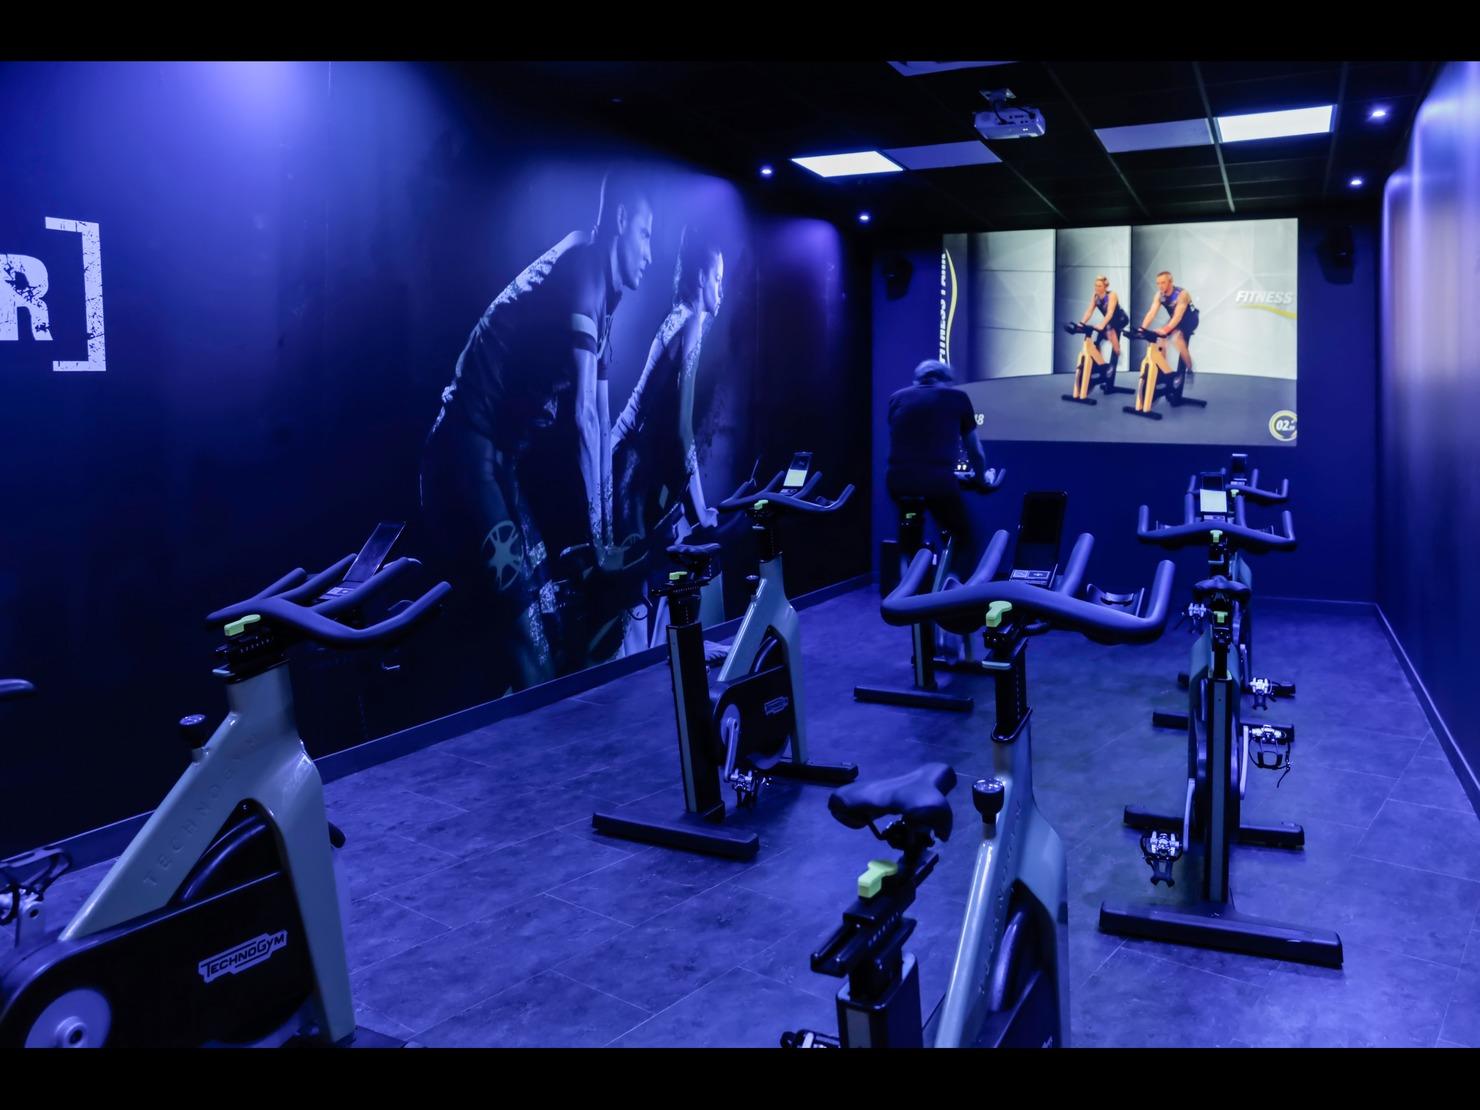 Fitness Park Cergy-le-Haut